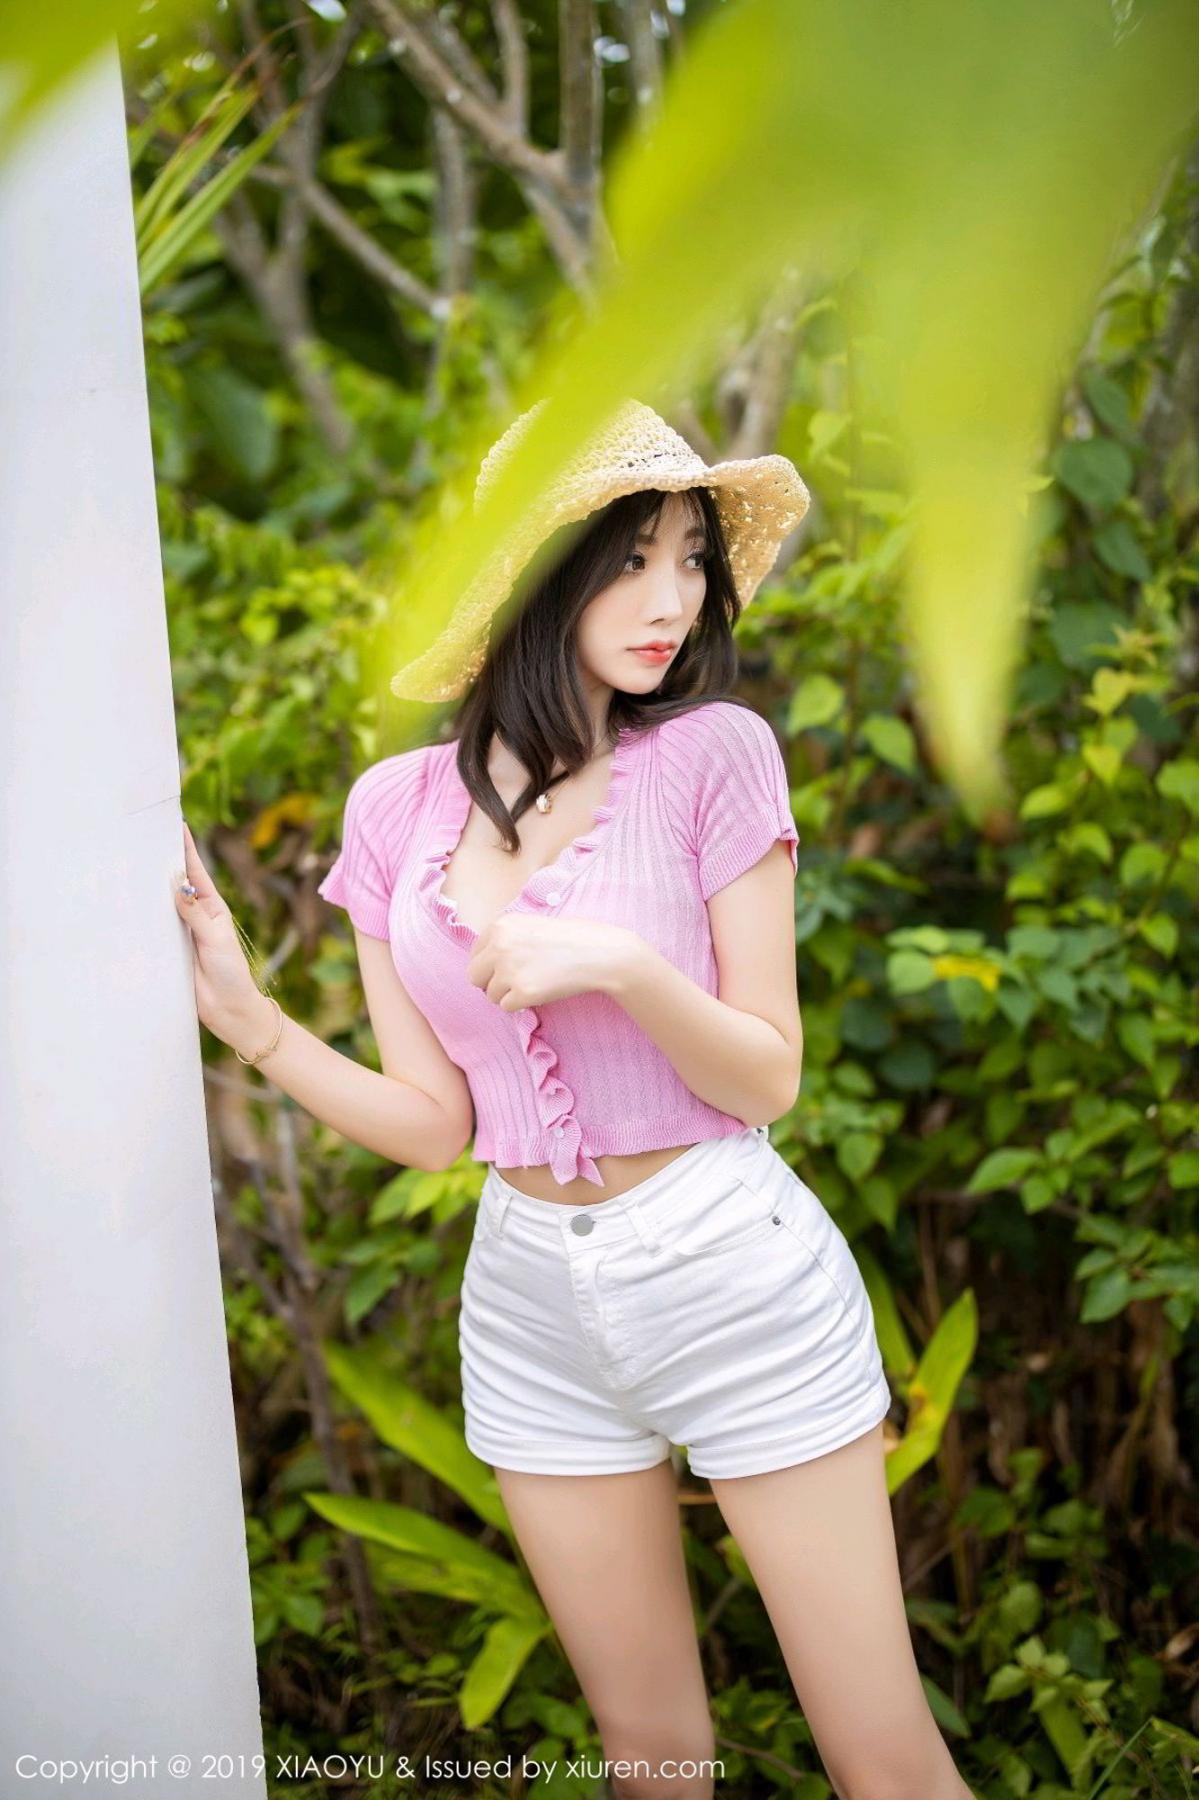 [XiaoYu] Vol.169 Yang Chen Chen 14P, Outdoor, Underwear, XiaoYu, Yang Chen Chen